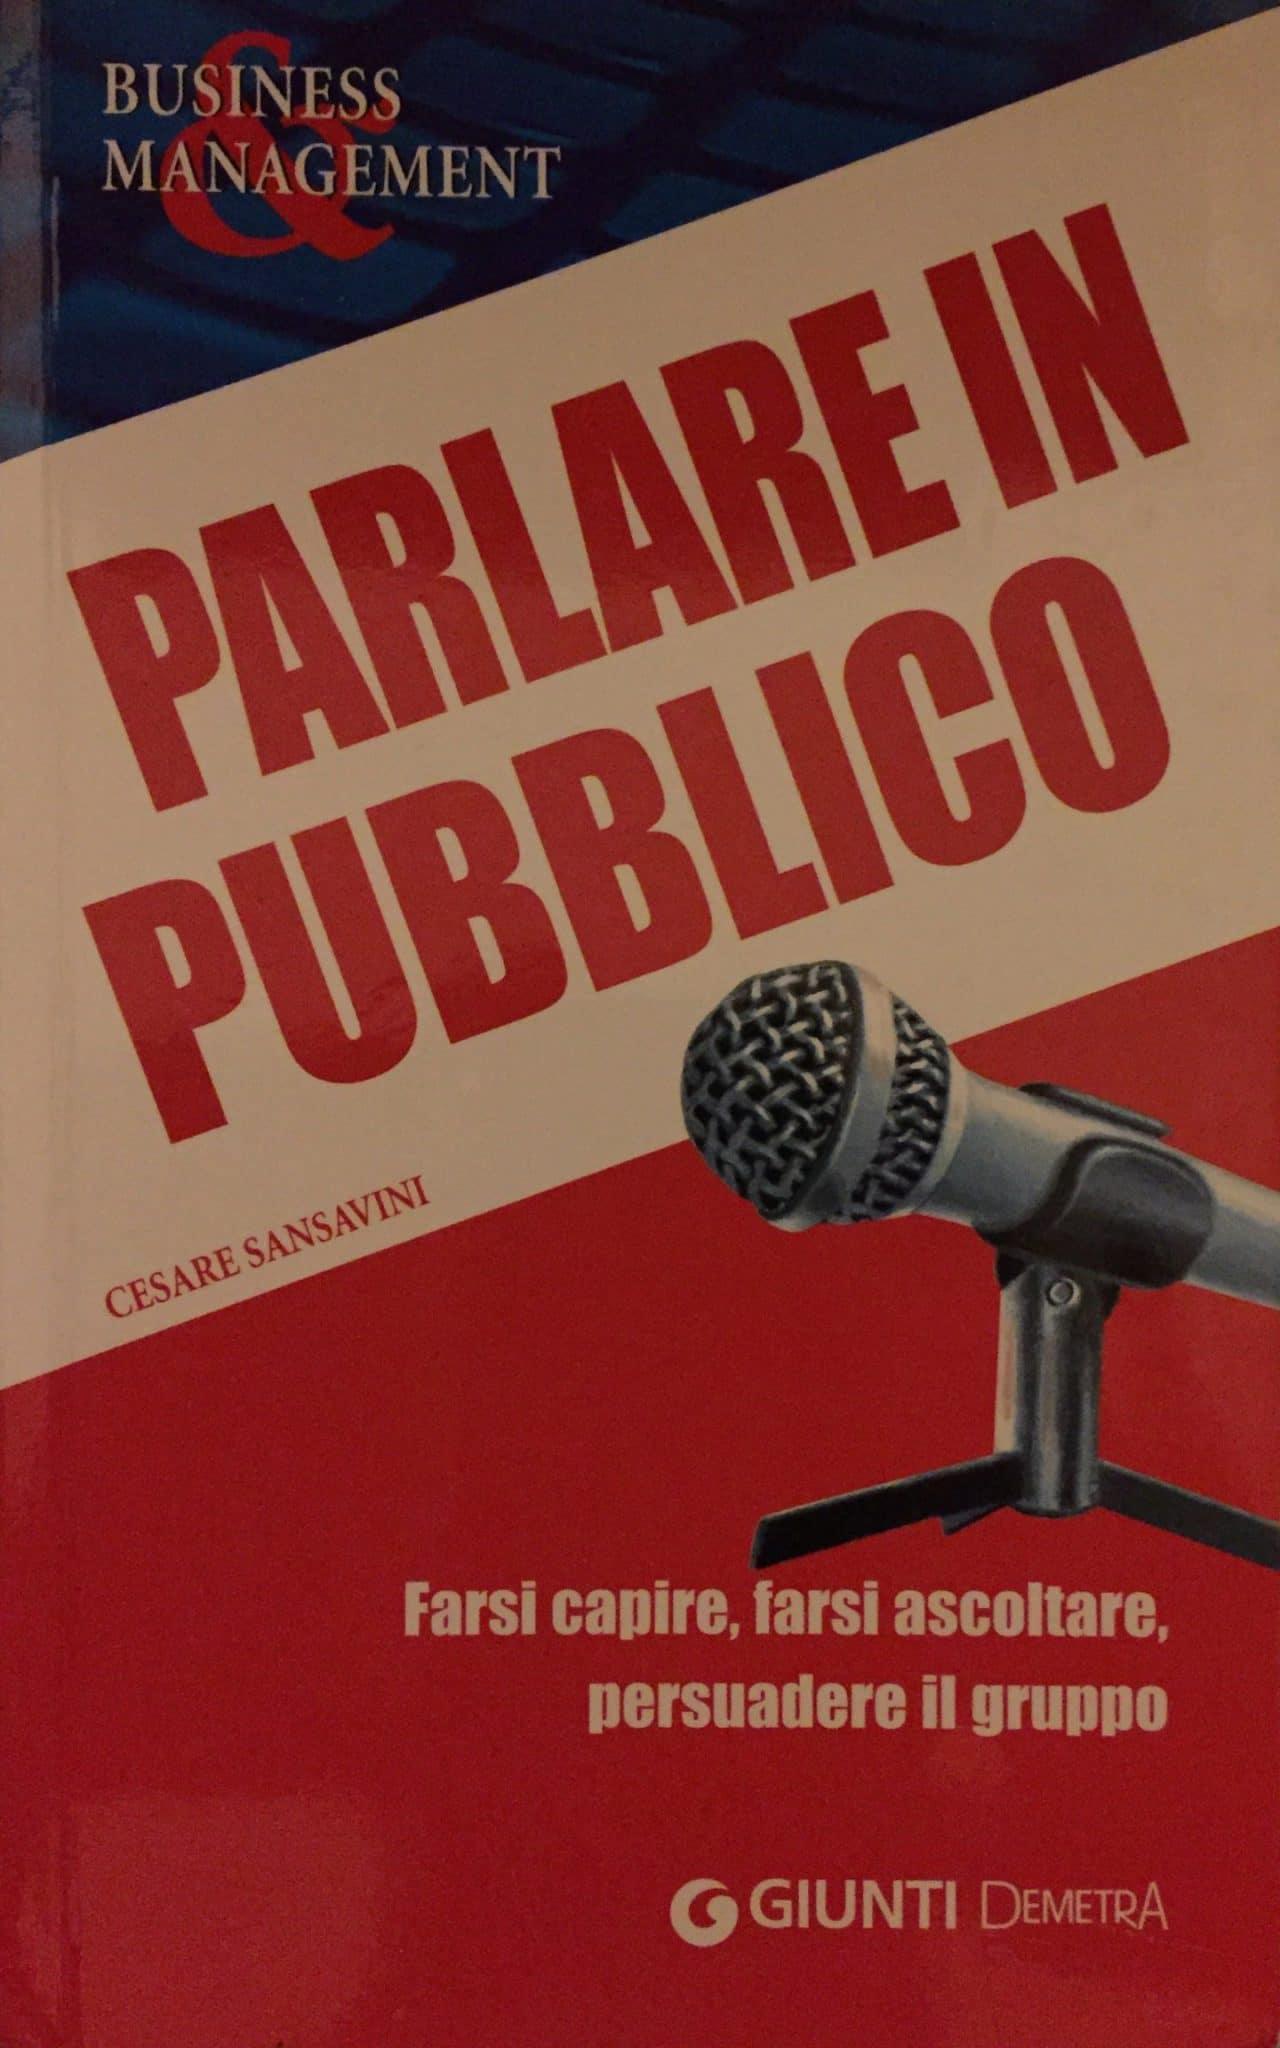 PARLARE IN PUBBLICO Farsi Capire, Farsi Ascoltate, Persuadere Il Gruppo